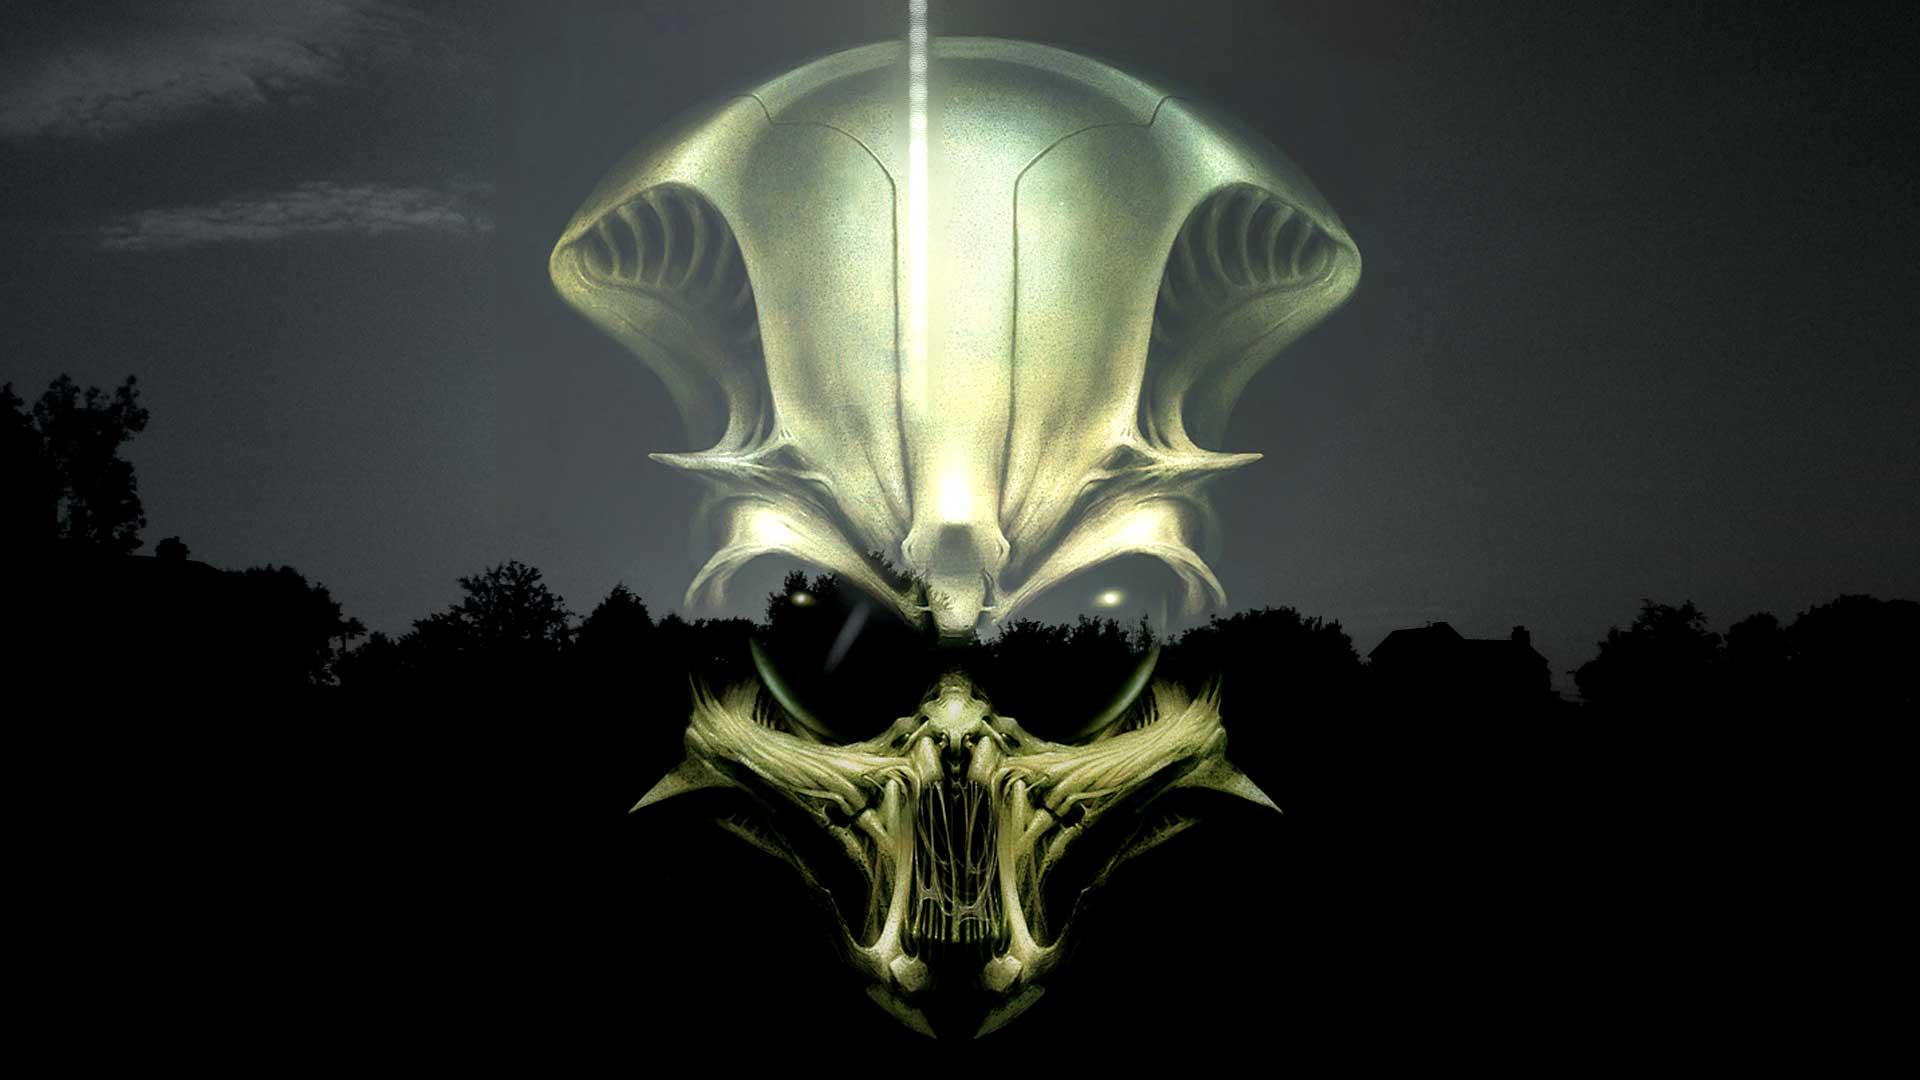 Según un miembro del pentágono, los OVNIs son una realidad